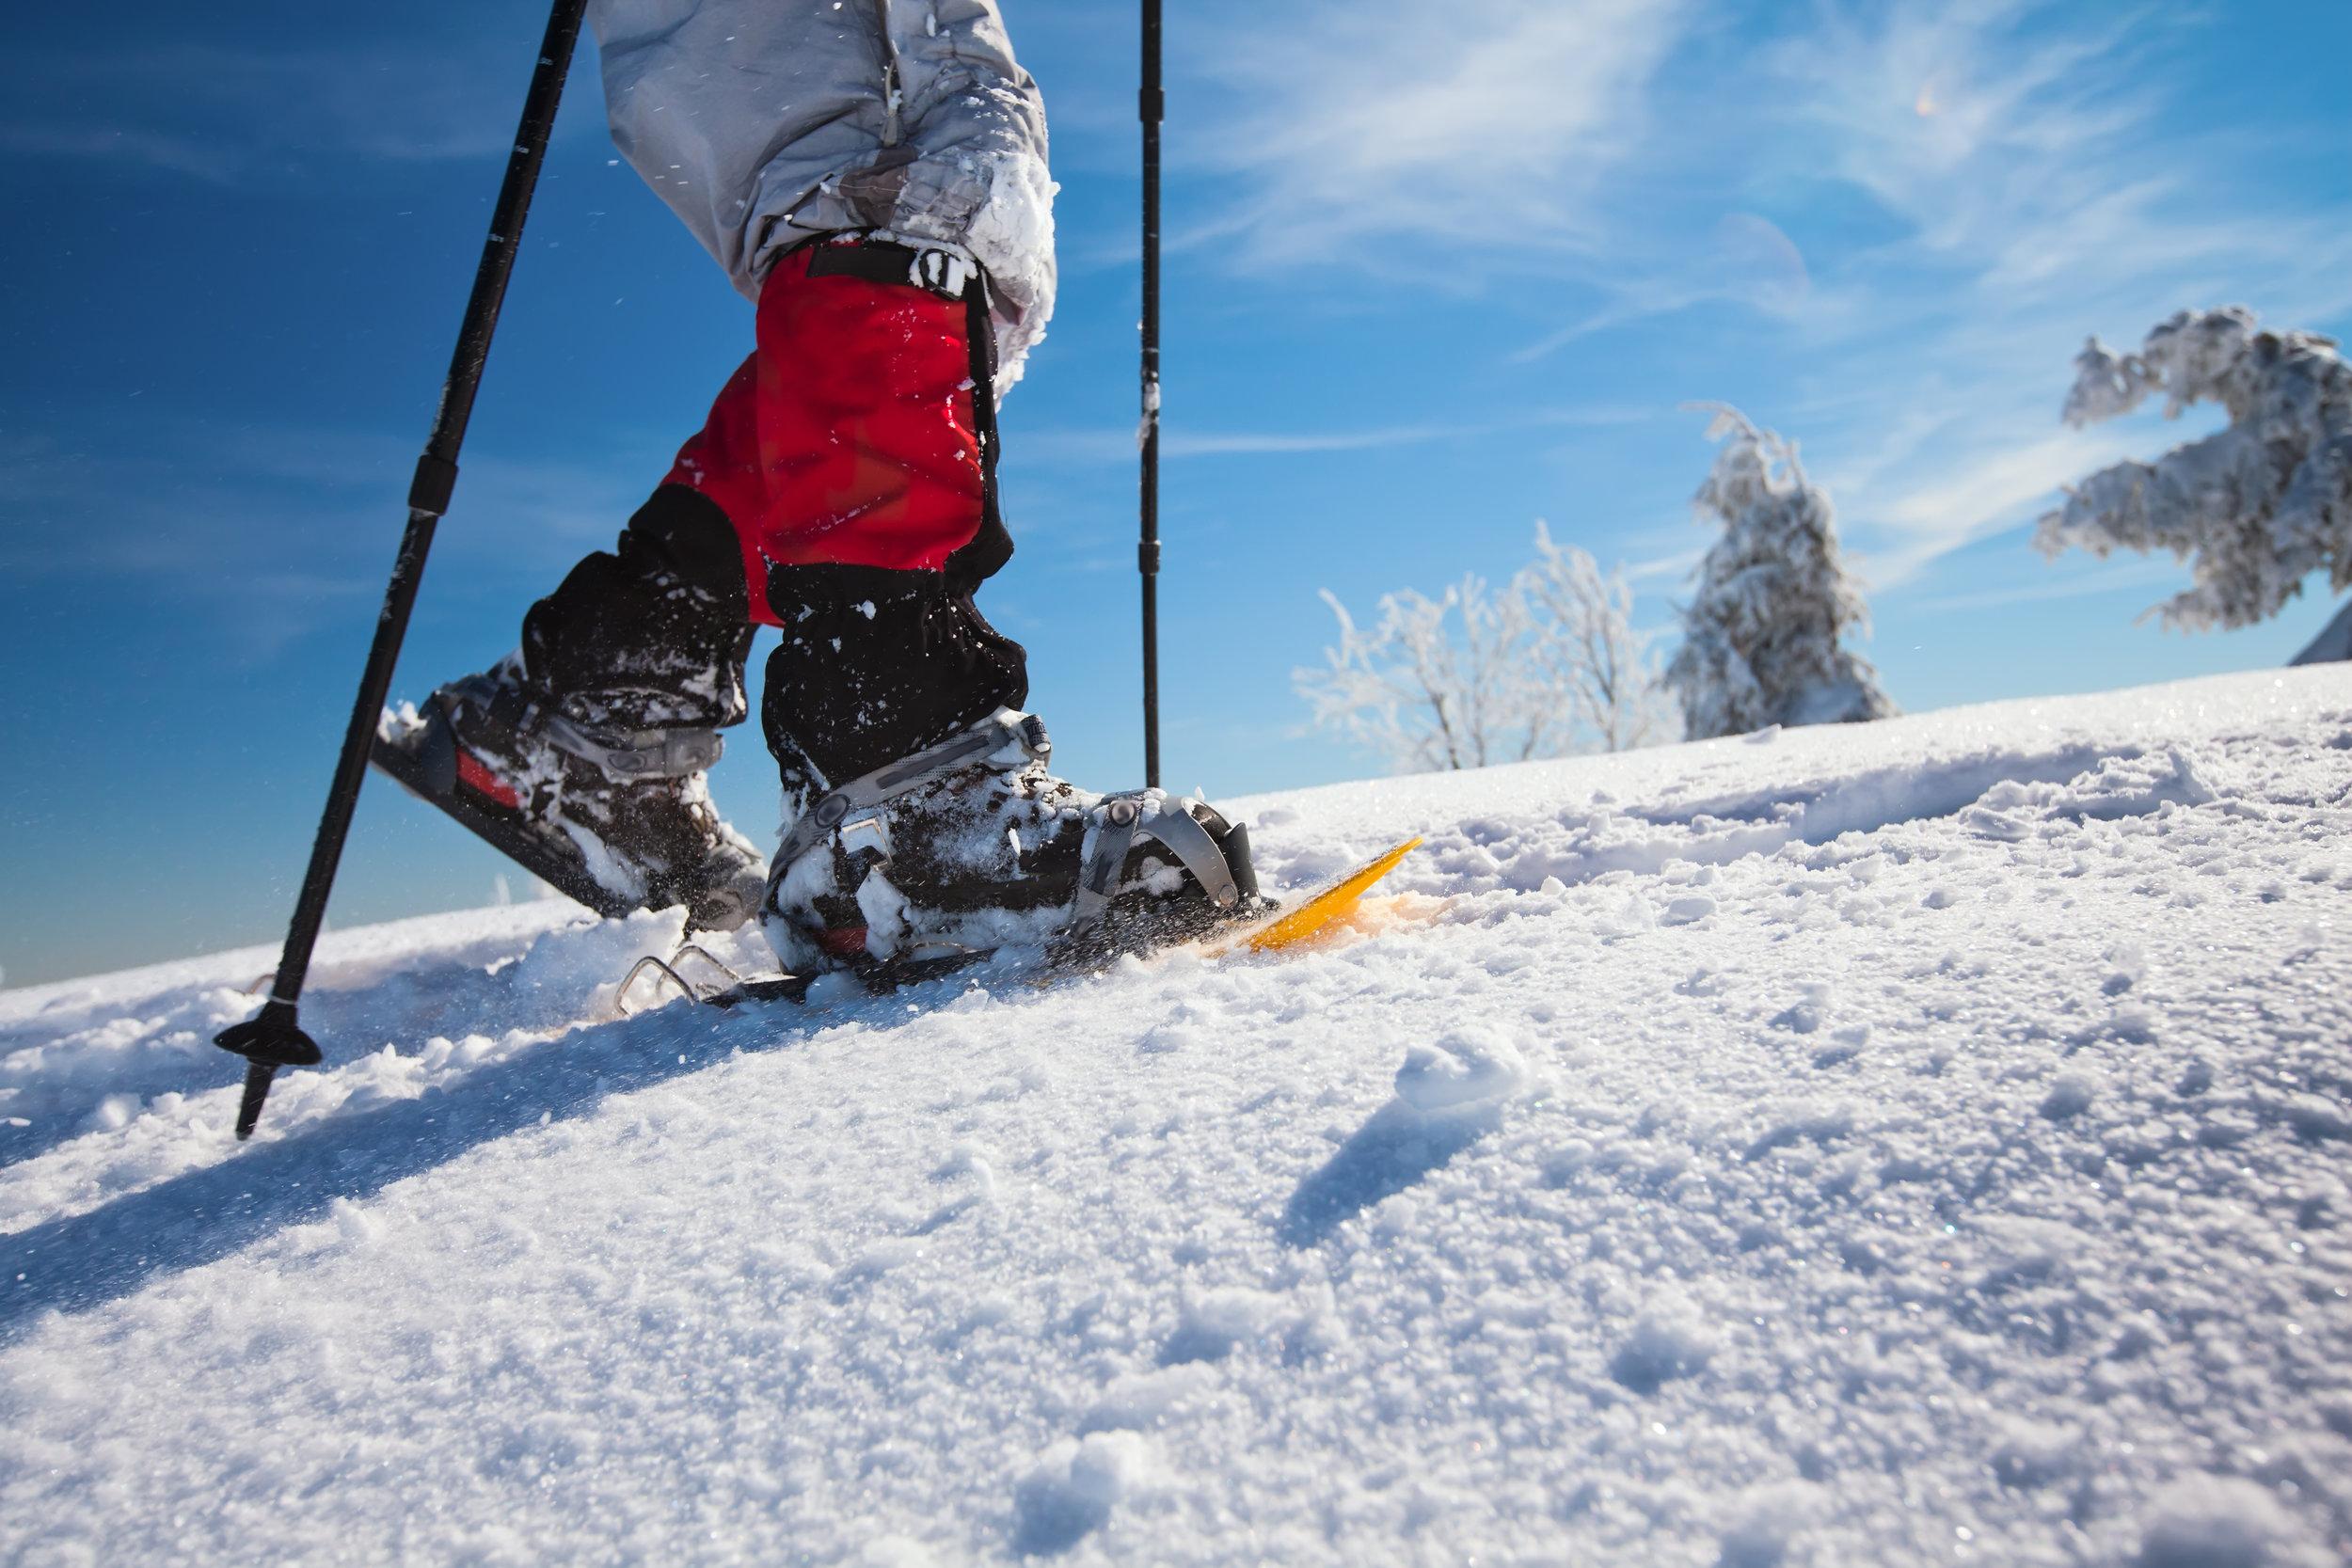 Snowshoeing - Location: Acadia NP, CliftonPrice: $35/personGroup Minimum/Maximum: 4/15